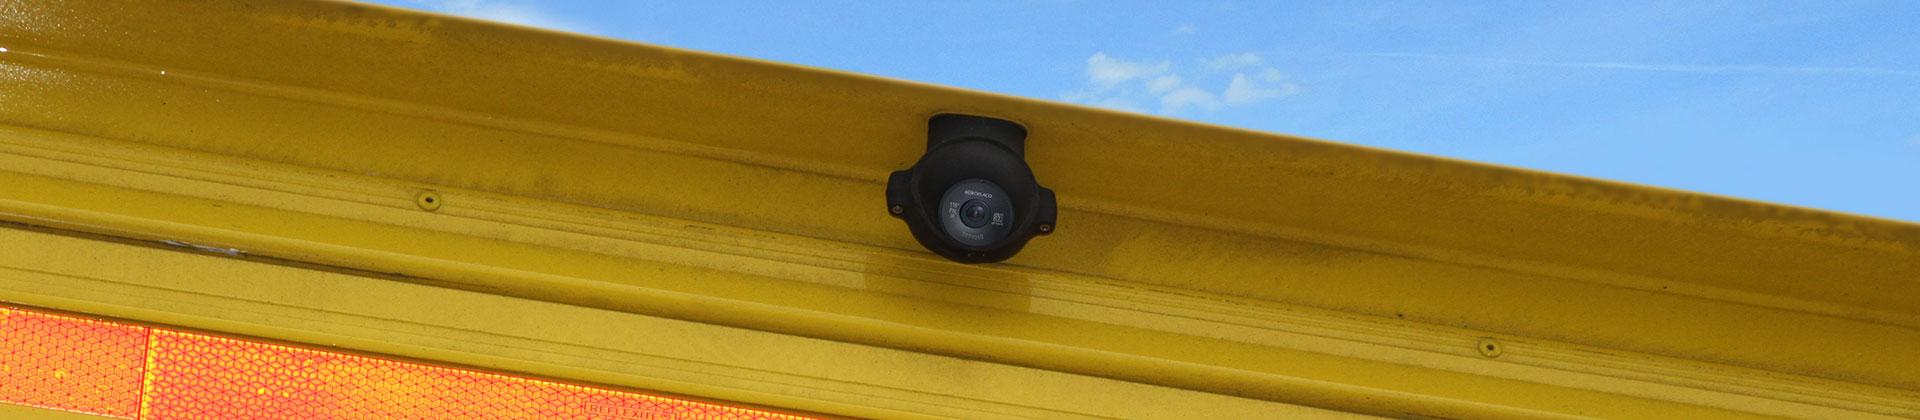 Orlaco Famos LKW Kamera Set